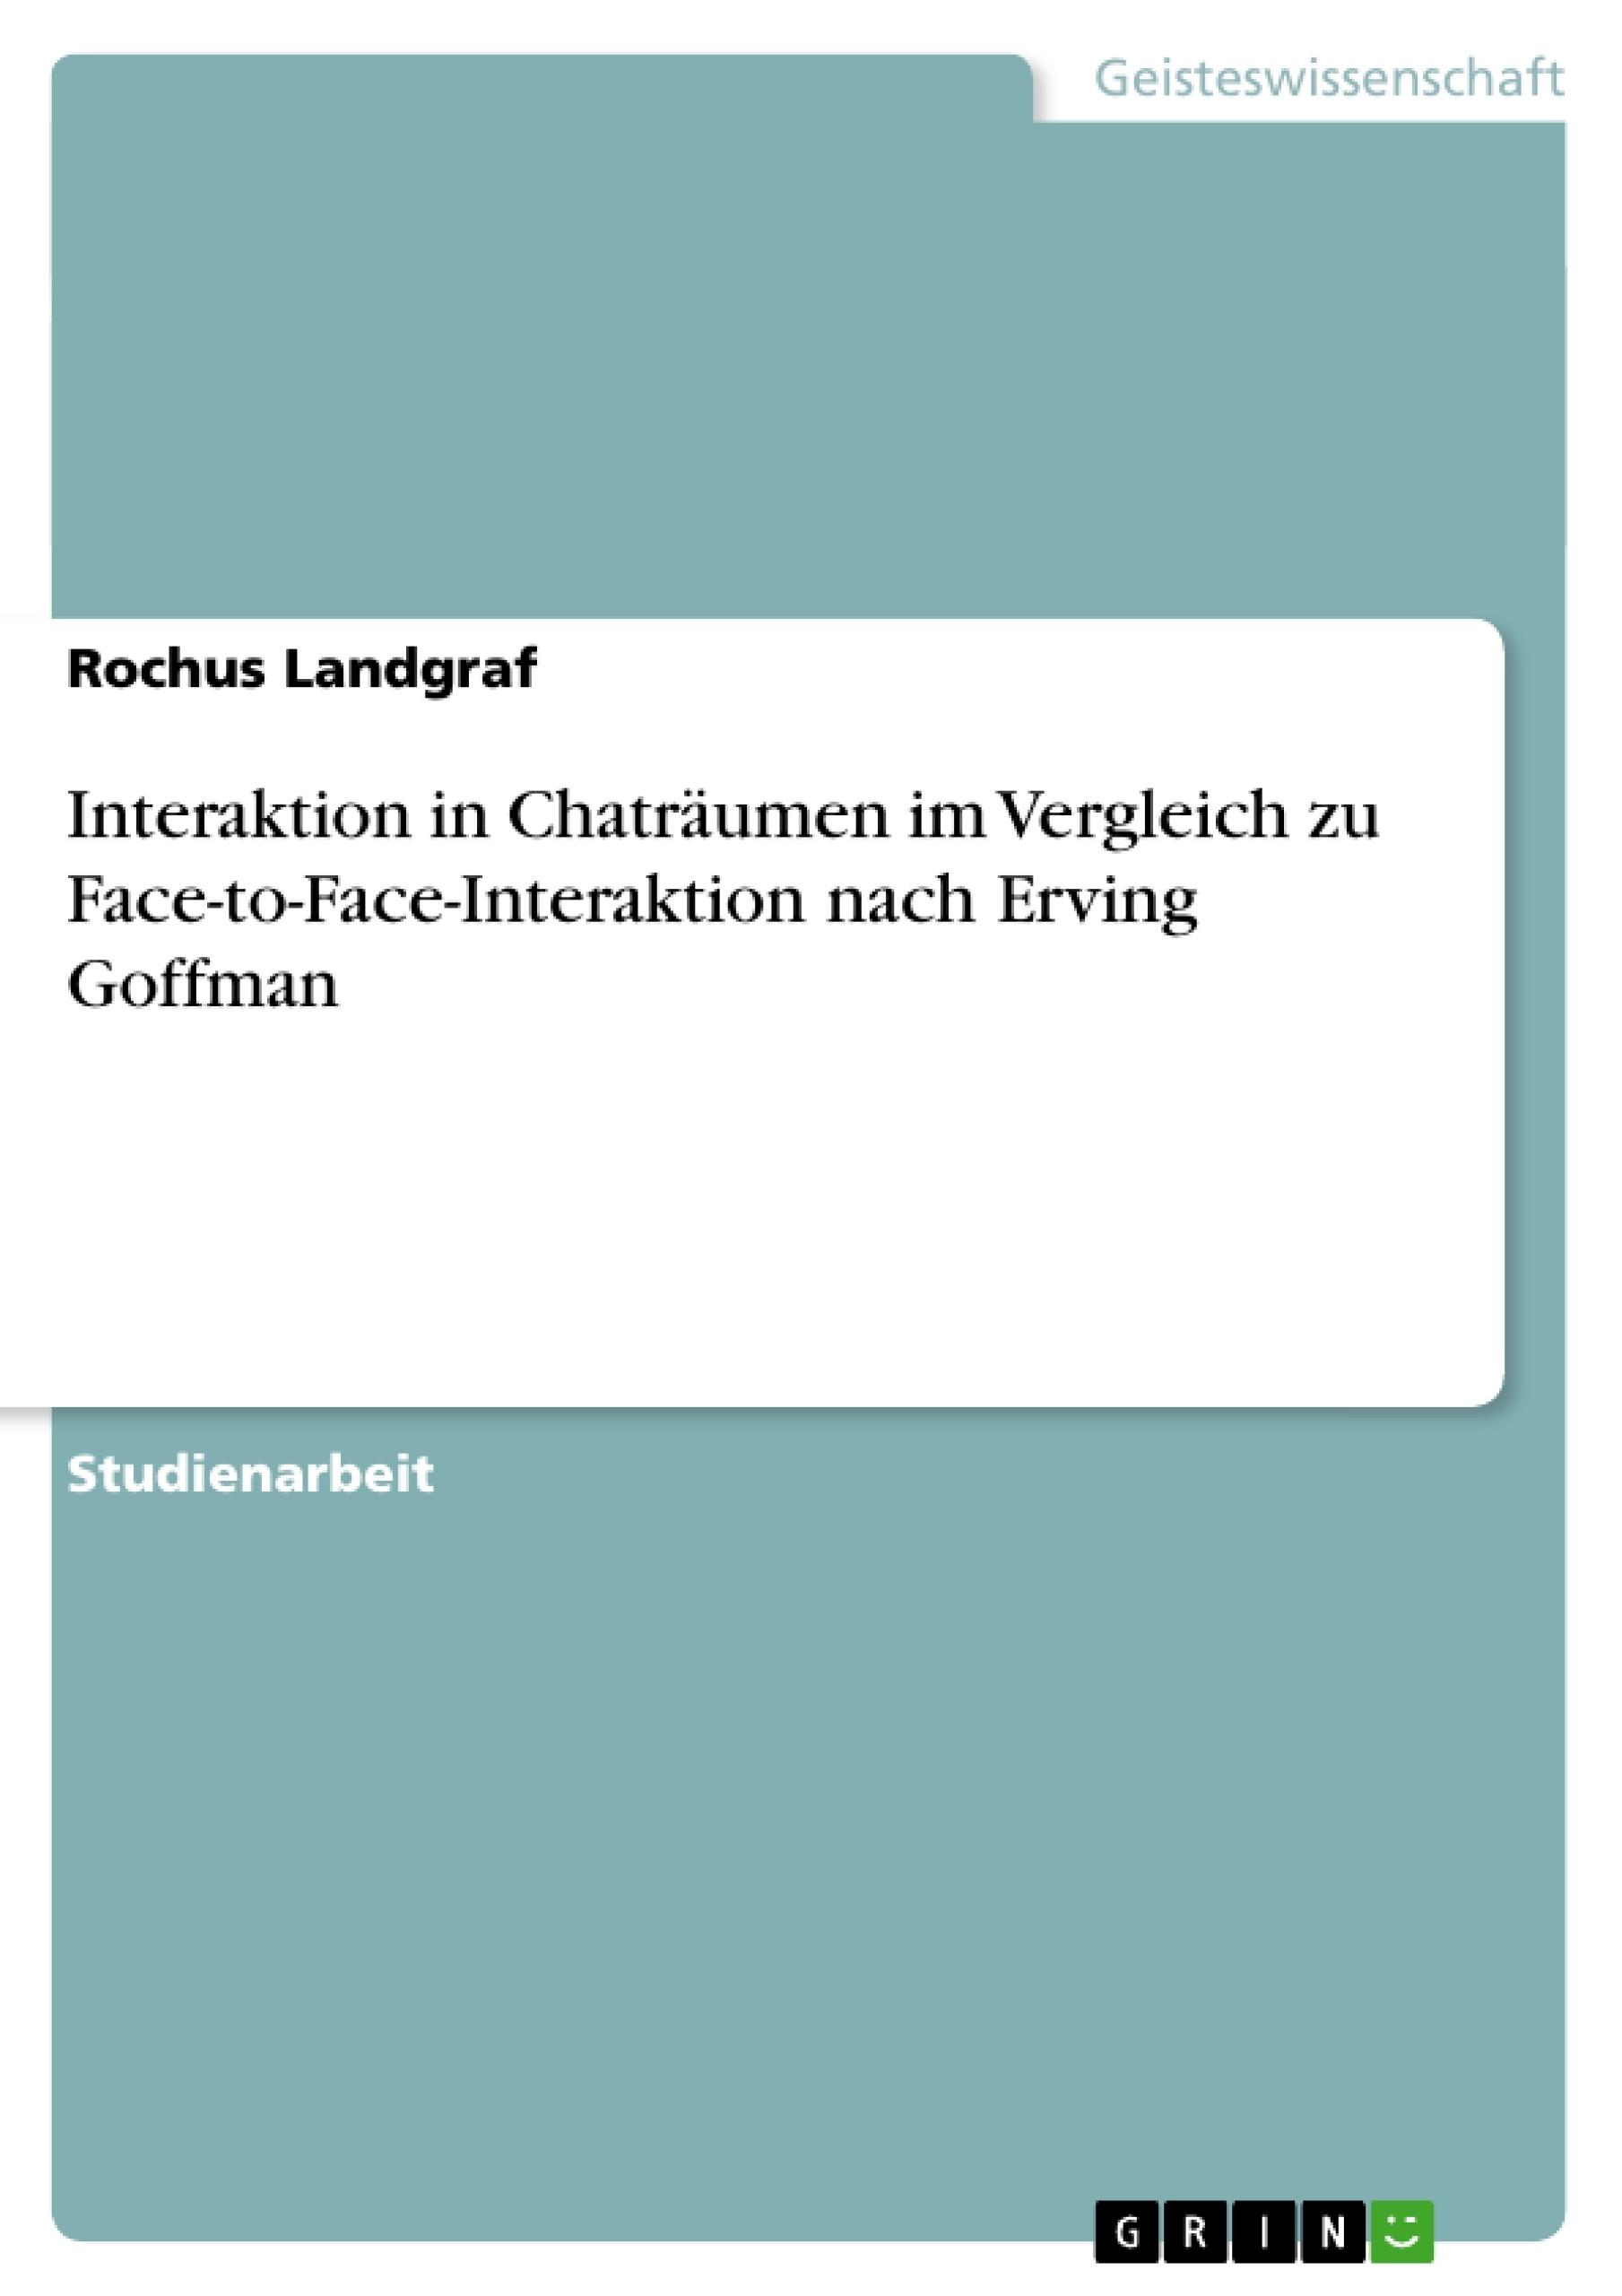 Titel: Interaktion in Chaträumen im Vergleich zu Face-to-Face-Interaktion nach Erving Goffman